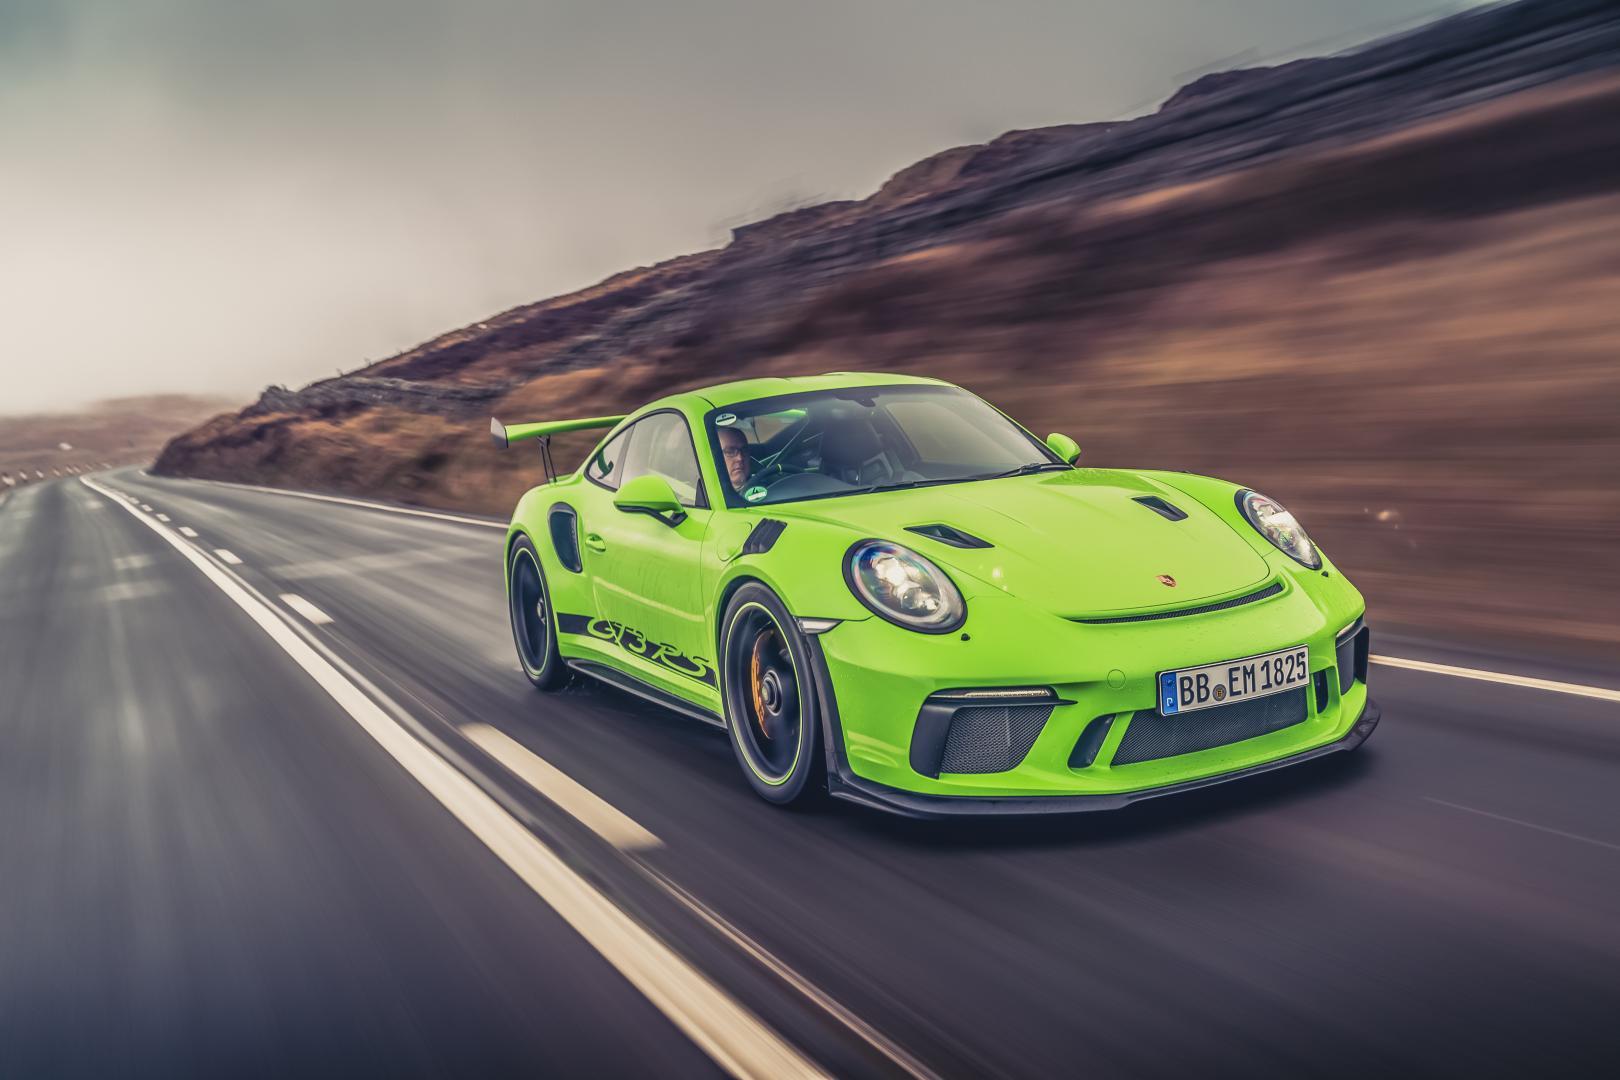 Porsche 911 gt3 rs 991.2 lizard green